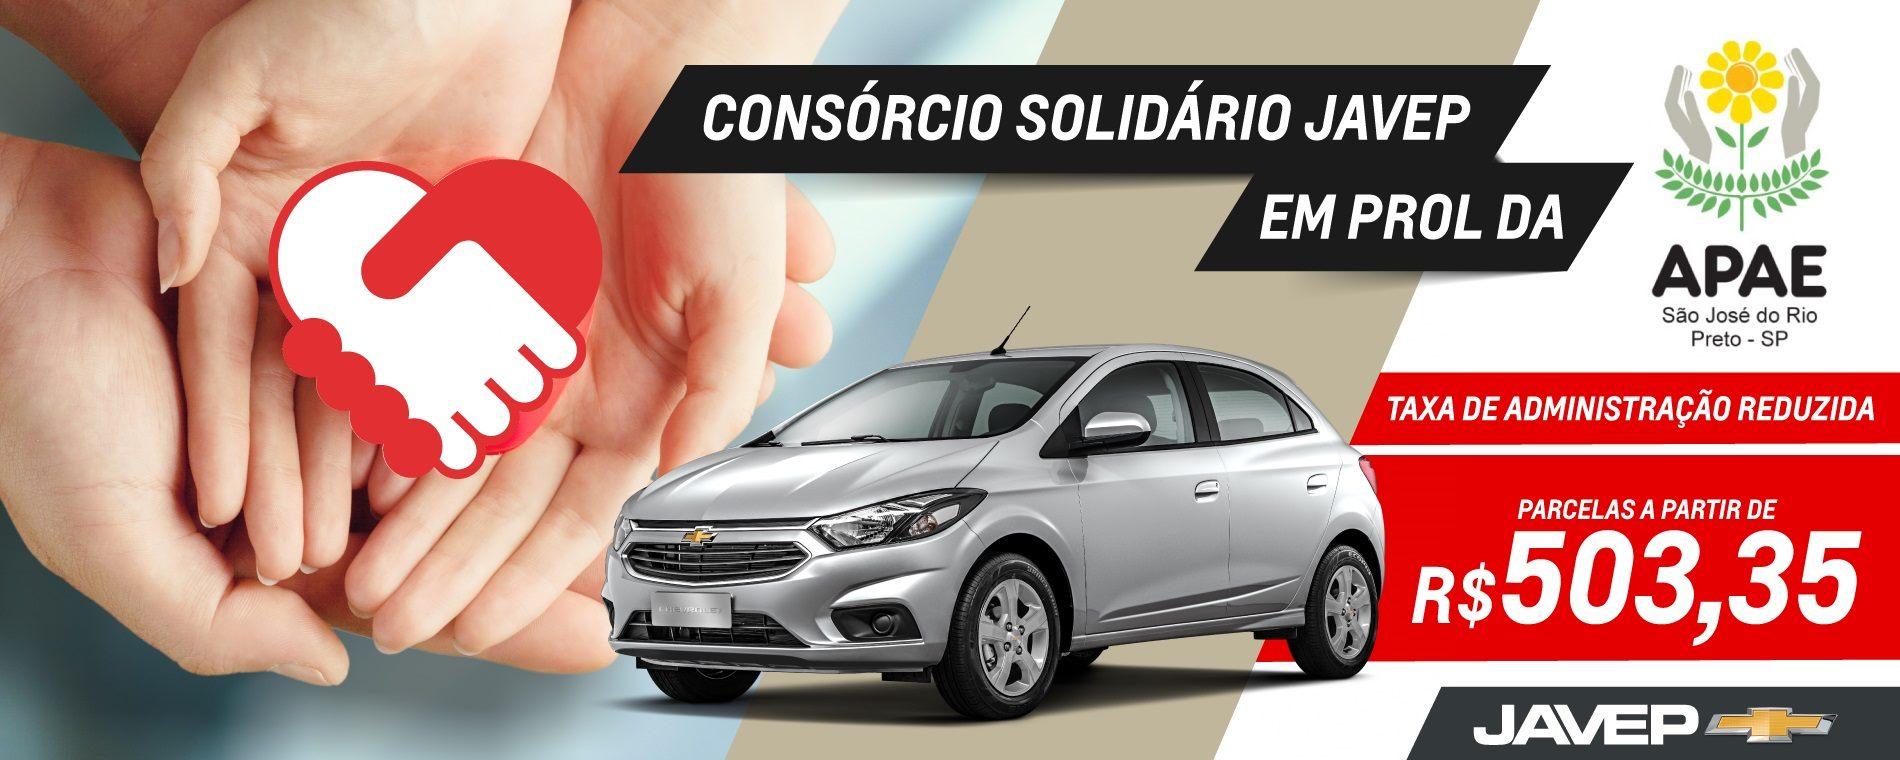 banner_consorcio_solidario